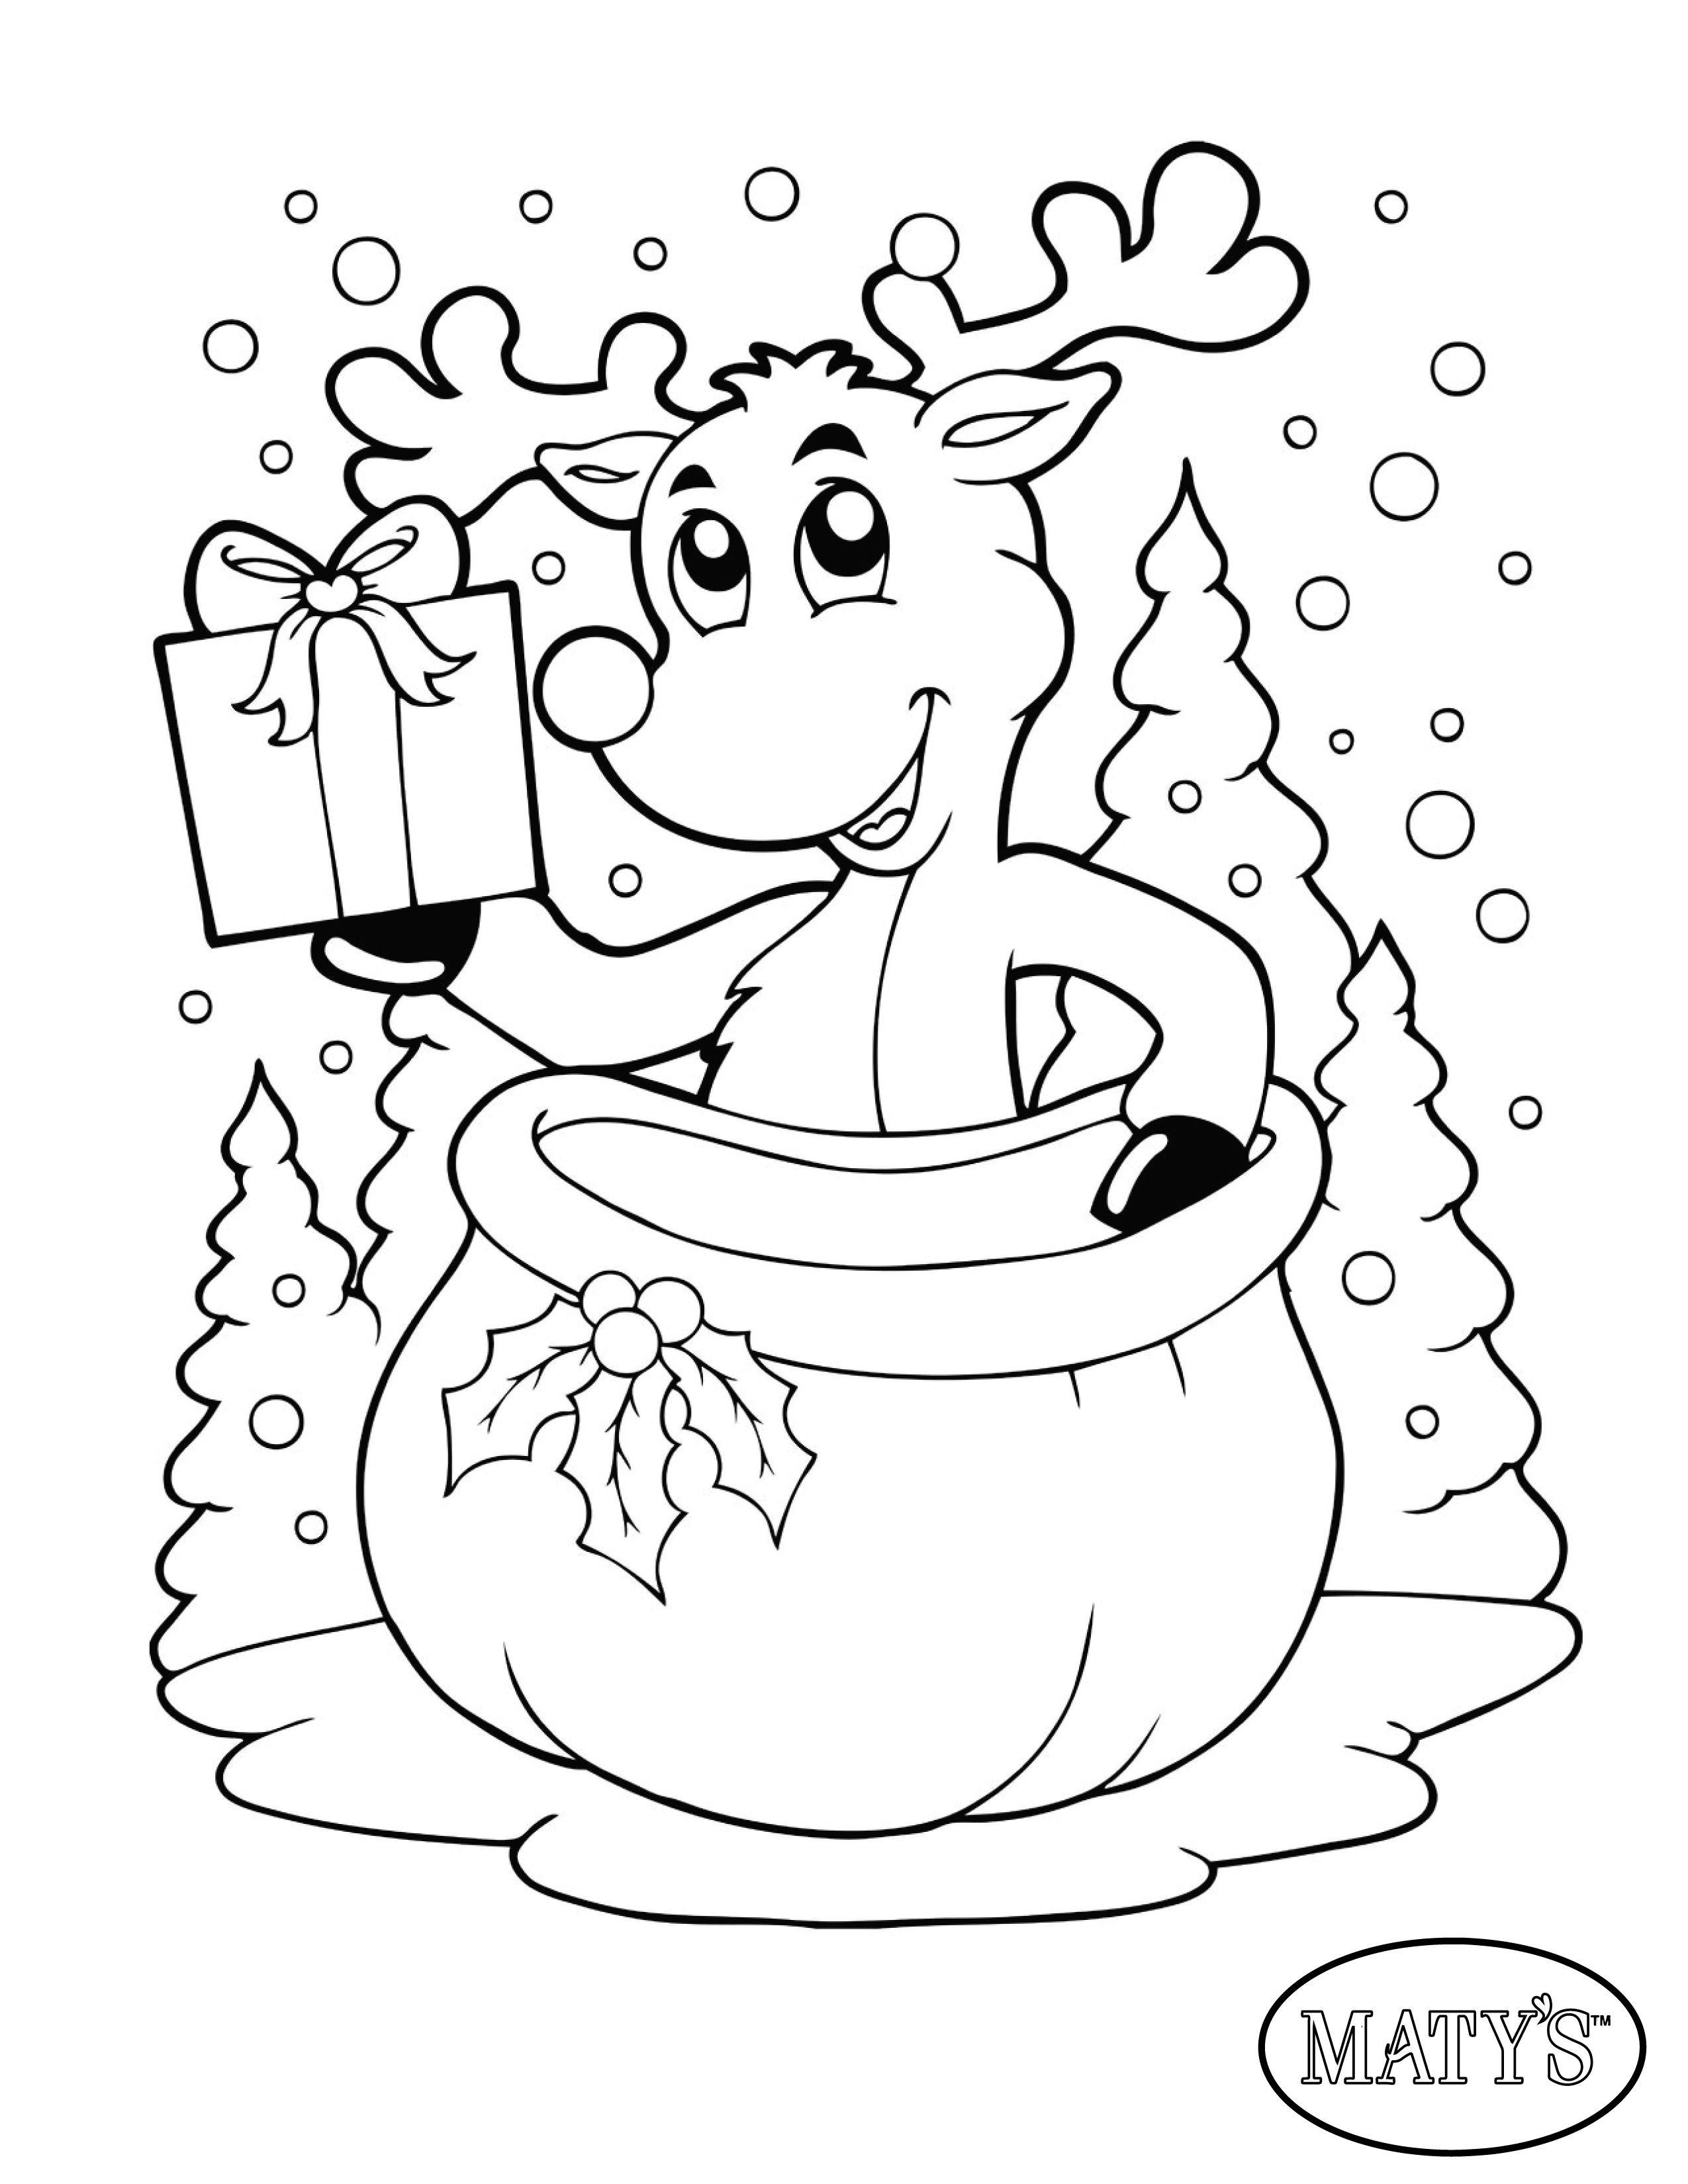 Ausmalbild Weihnachten Bilder Zum Ausmalen Inspirierend Here S A Holiday Printable to Keep the Kids Busy while You Bild